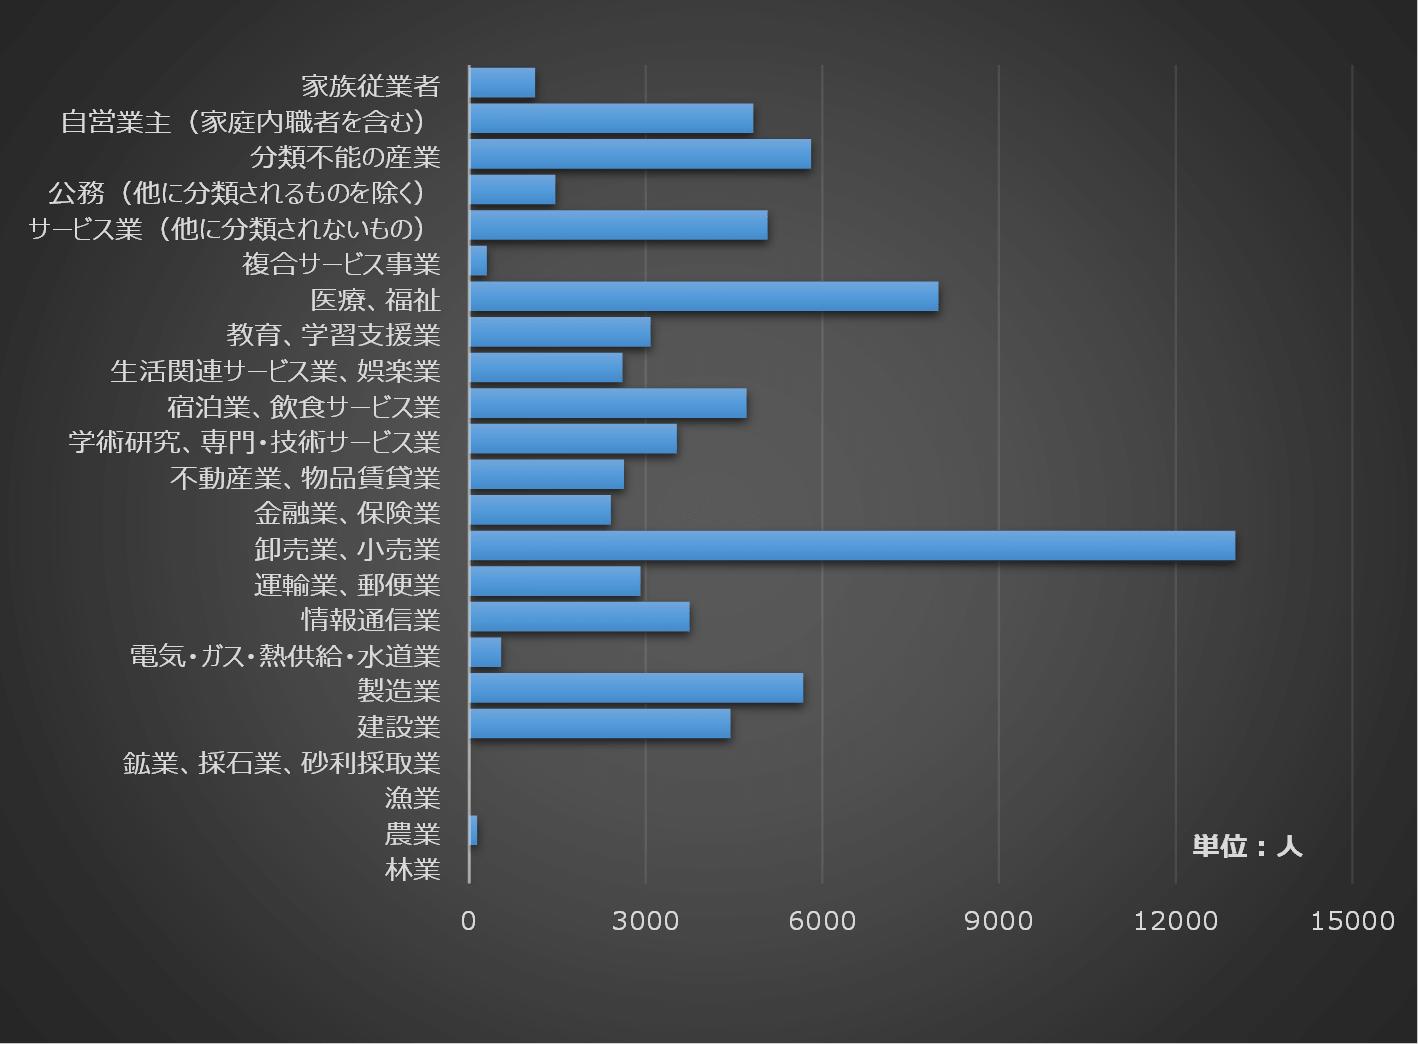 住民の職業は「卸売業、小売業」が最も多い